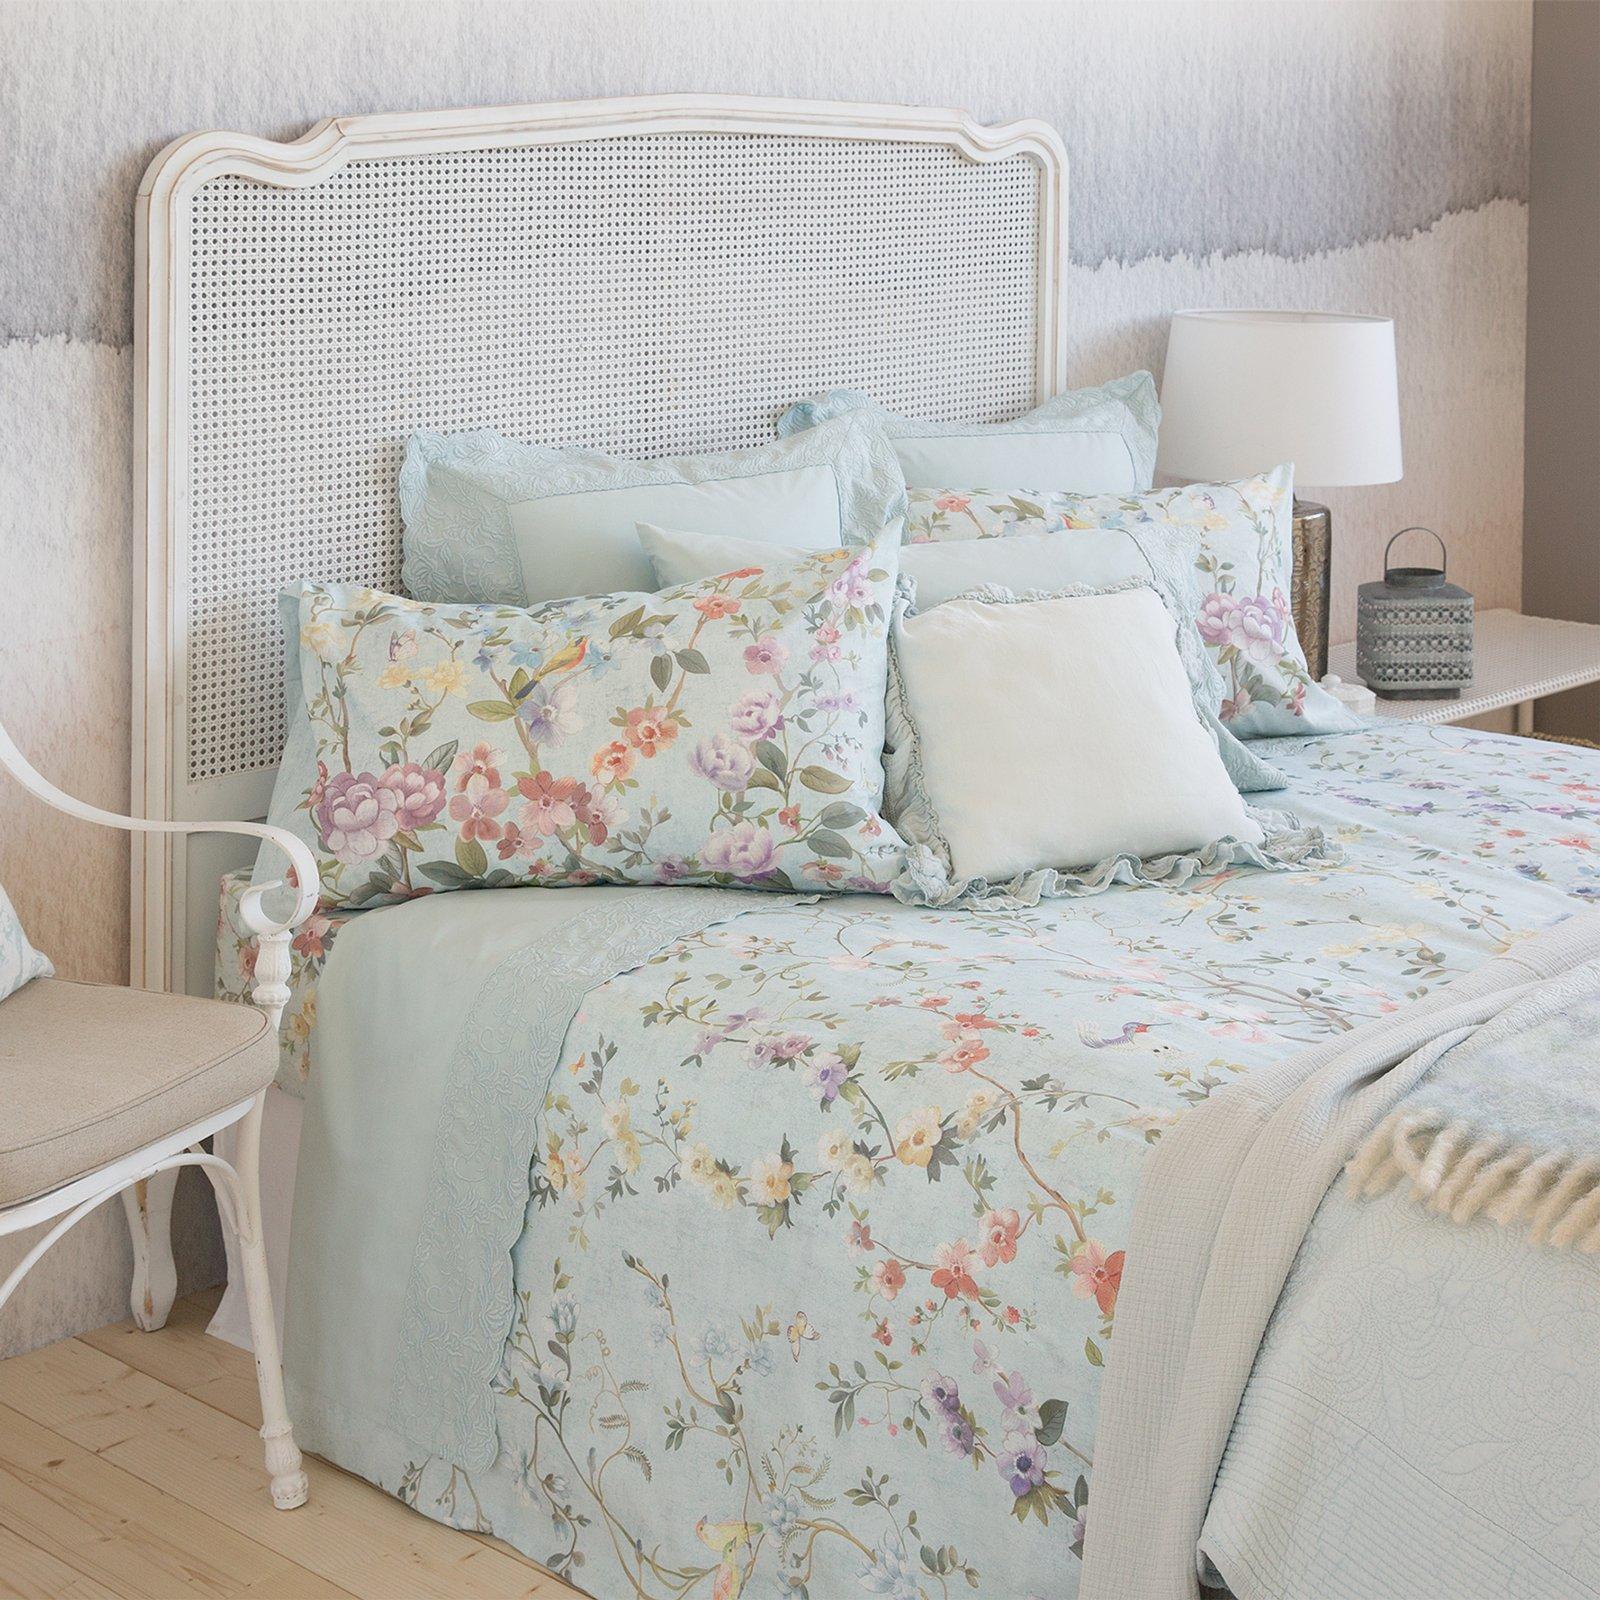 Tende in misto lino per camera da letto : tende a pacchetto ...